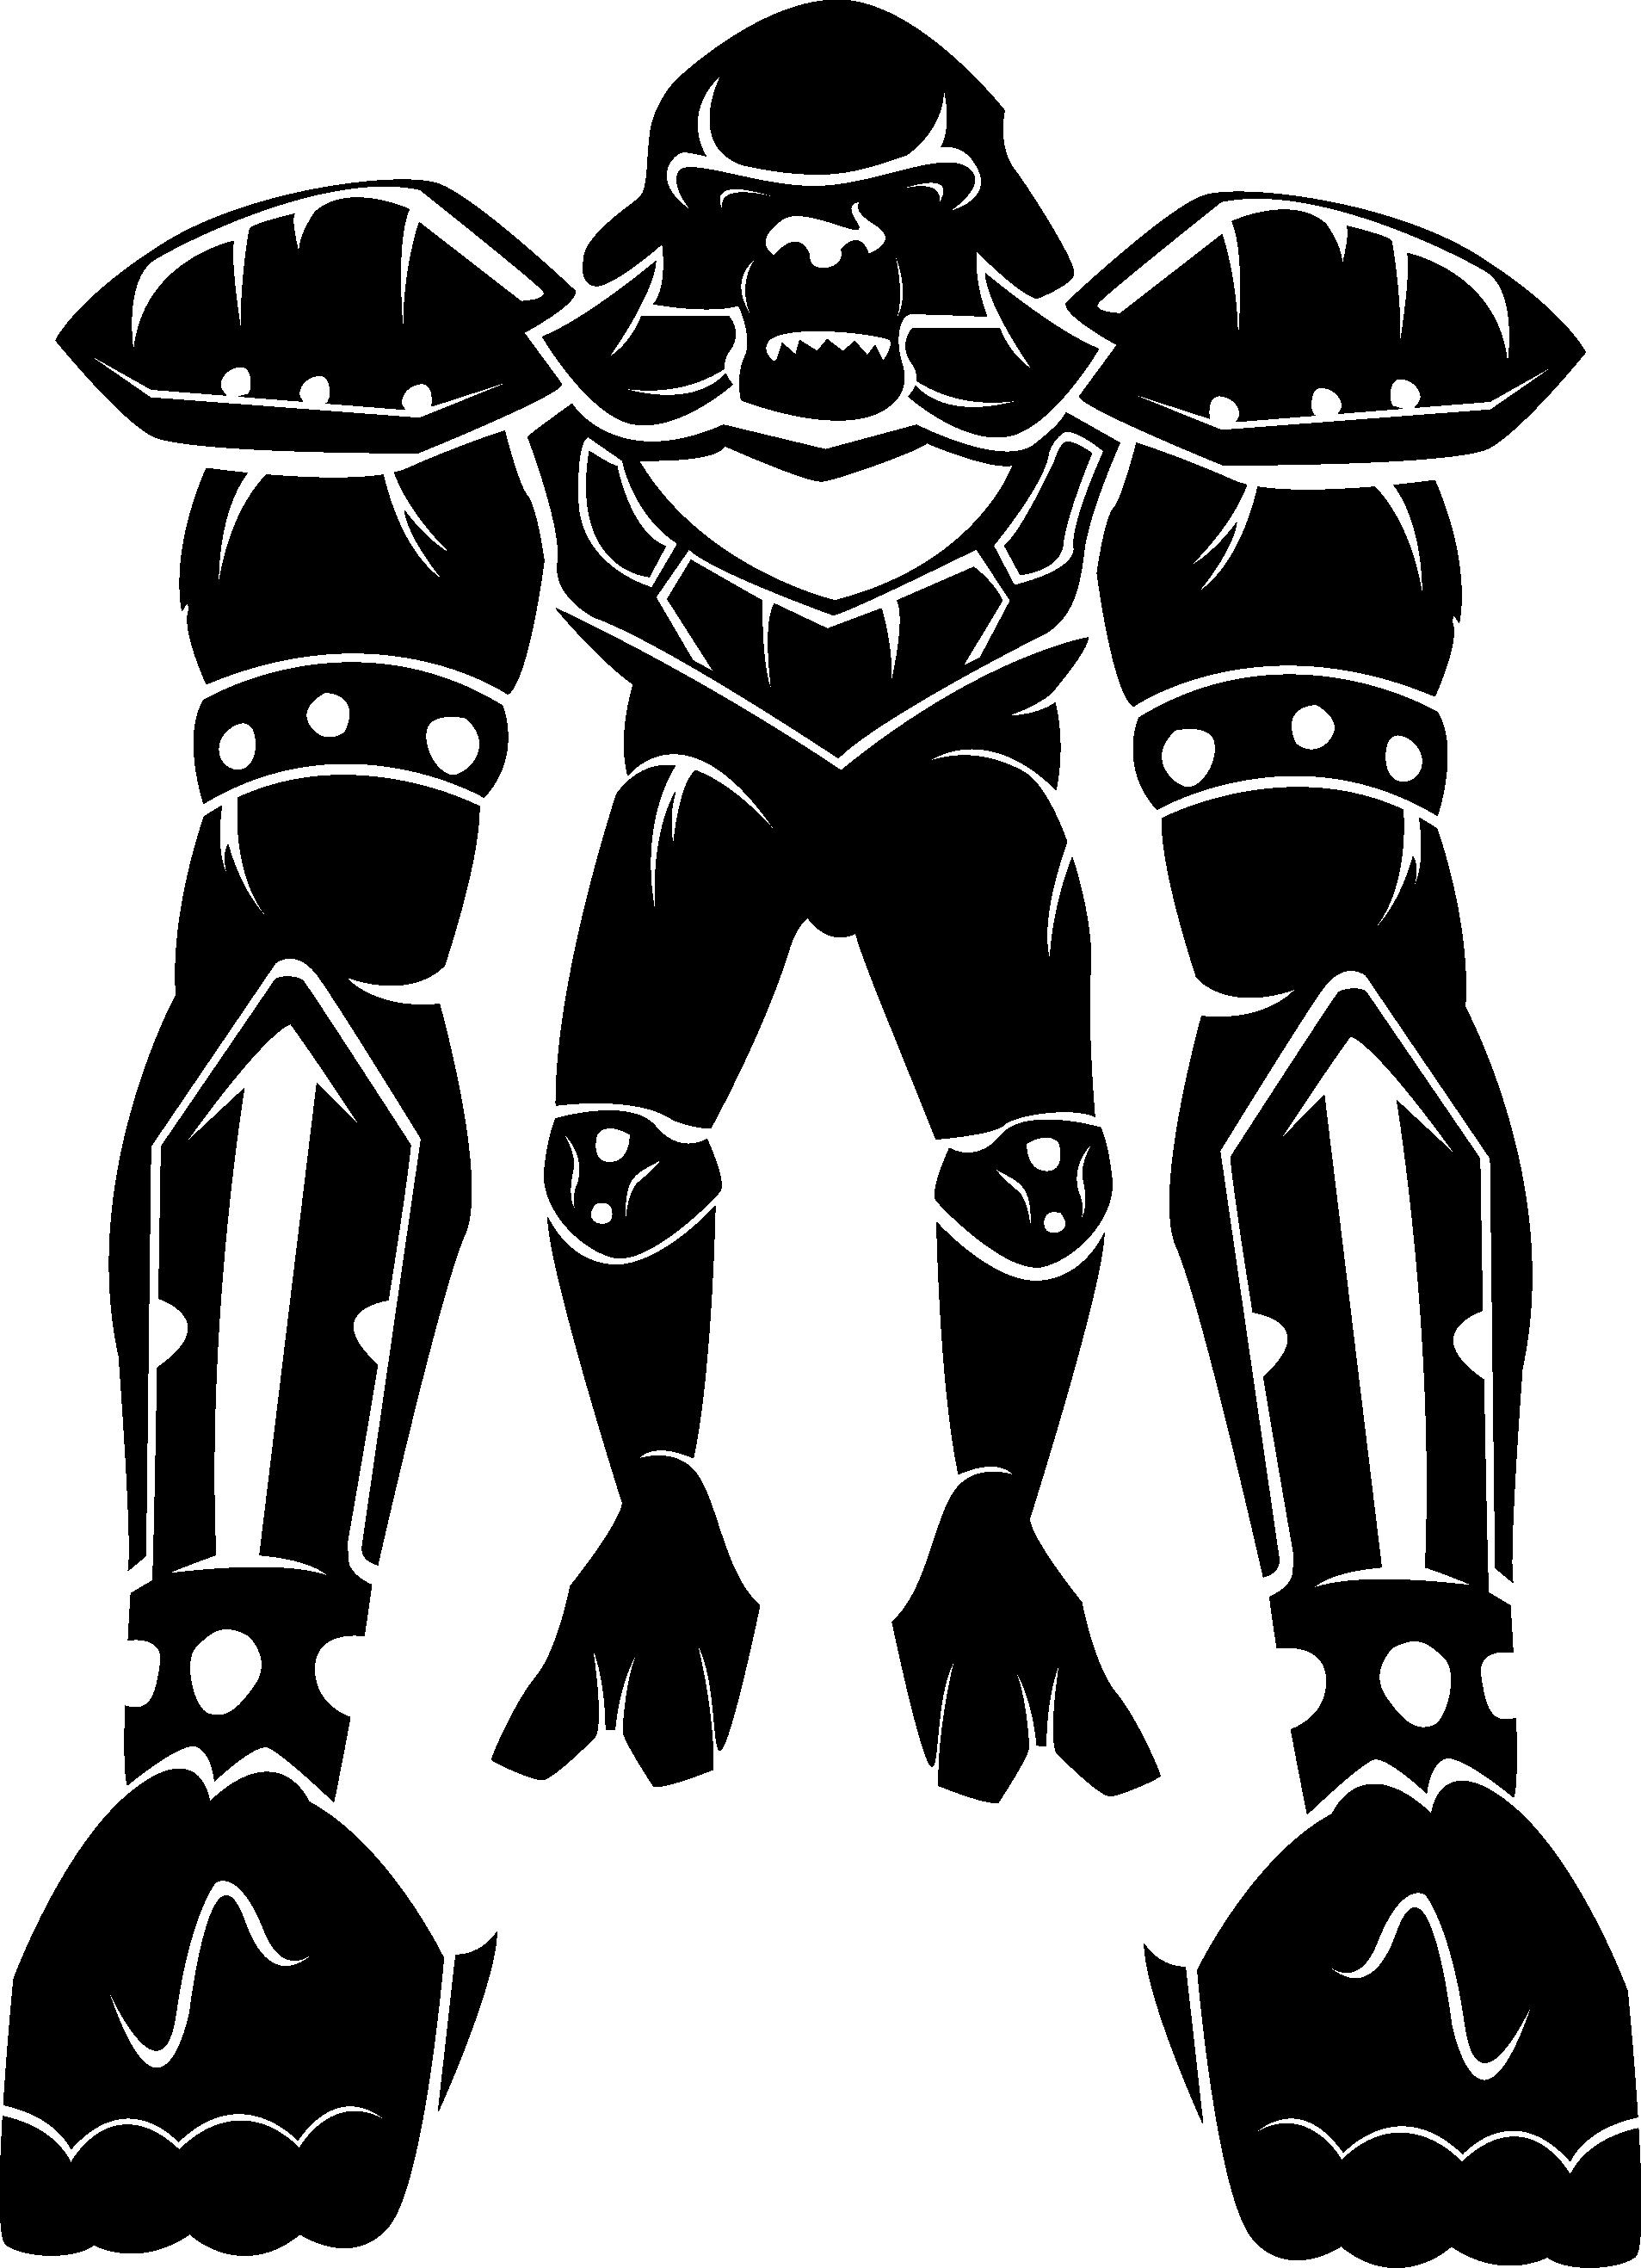 31 - ofiVKX9